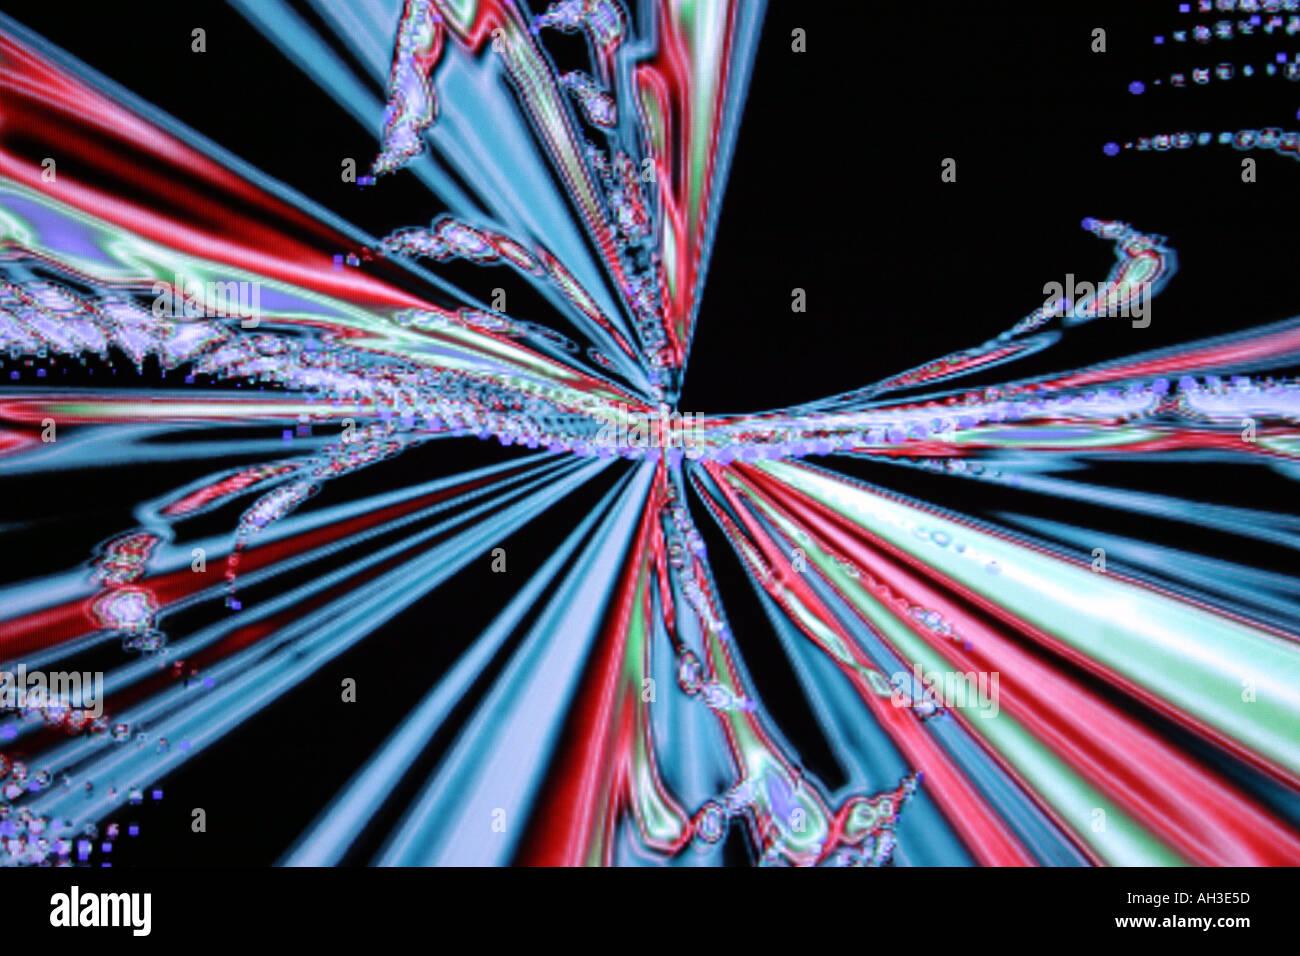 Abstrakte konzeptuelle farbige Hintergründe konzeptionelle hallo Tech-Special-Effects surreal Stockbild